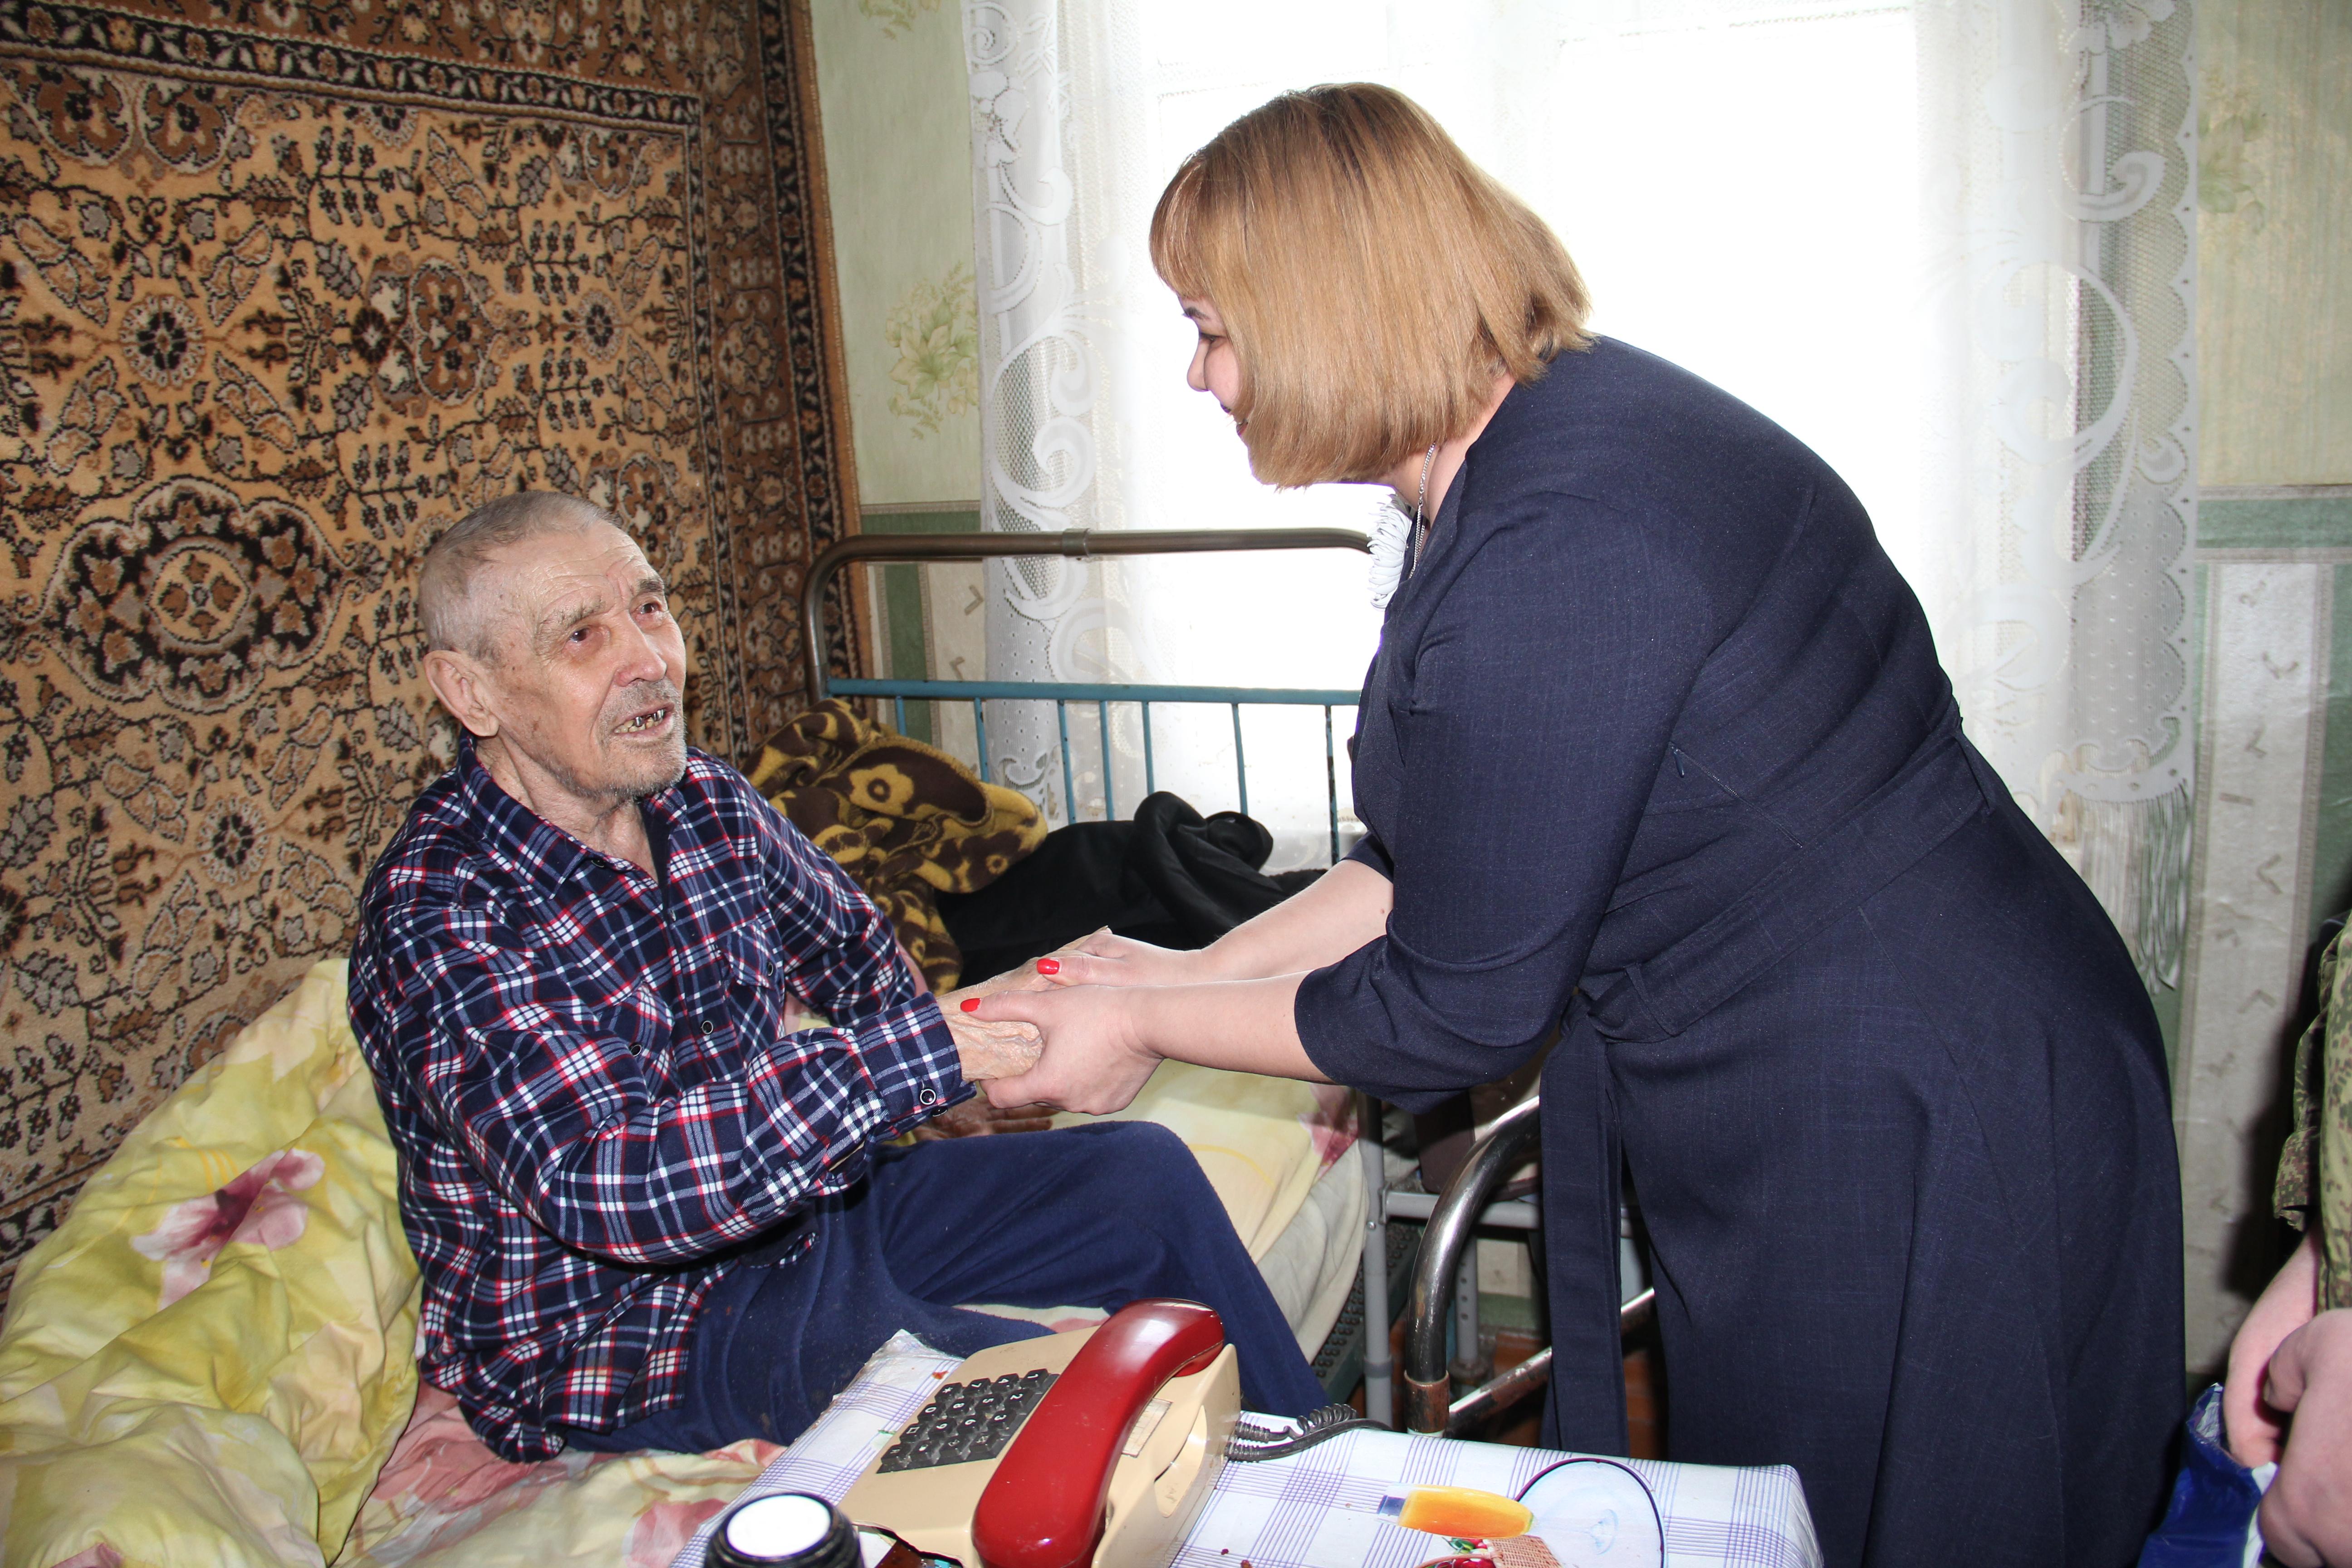 В минувший четверг, 28 февраля наш дорогой ветеран и участник Великой Отечественной войны Колганов Виктор Пантелеймонович отметил свой 92-ой  день рождения